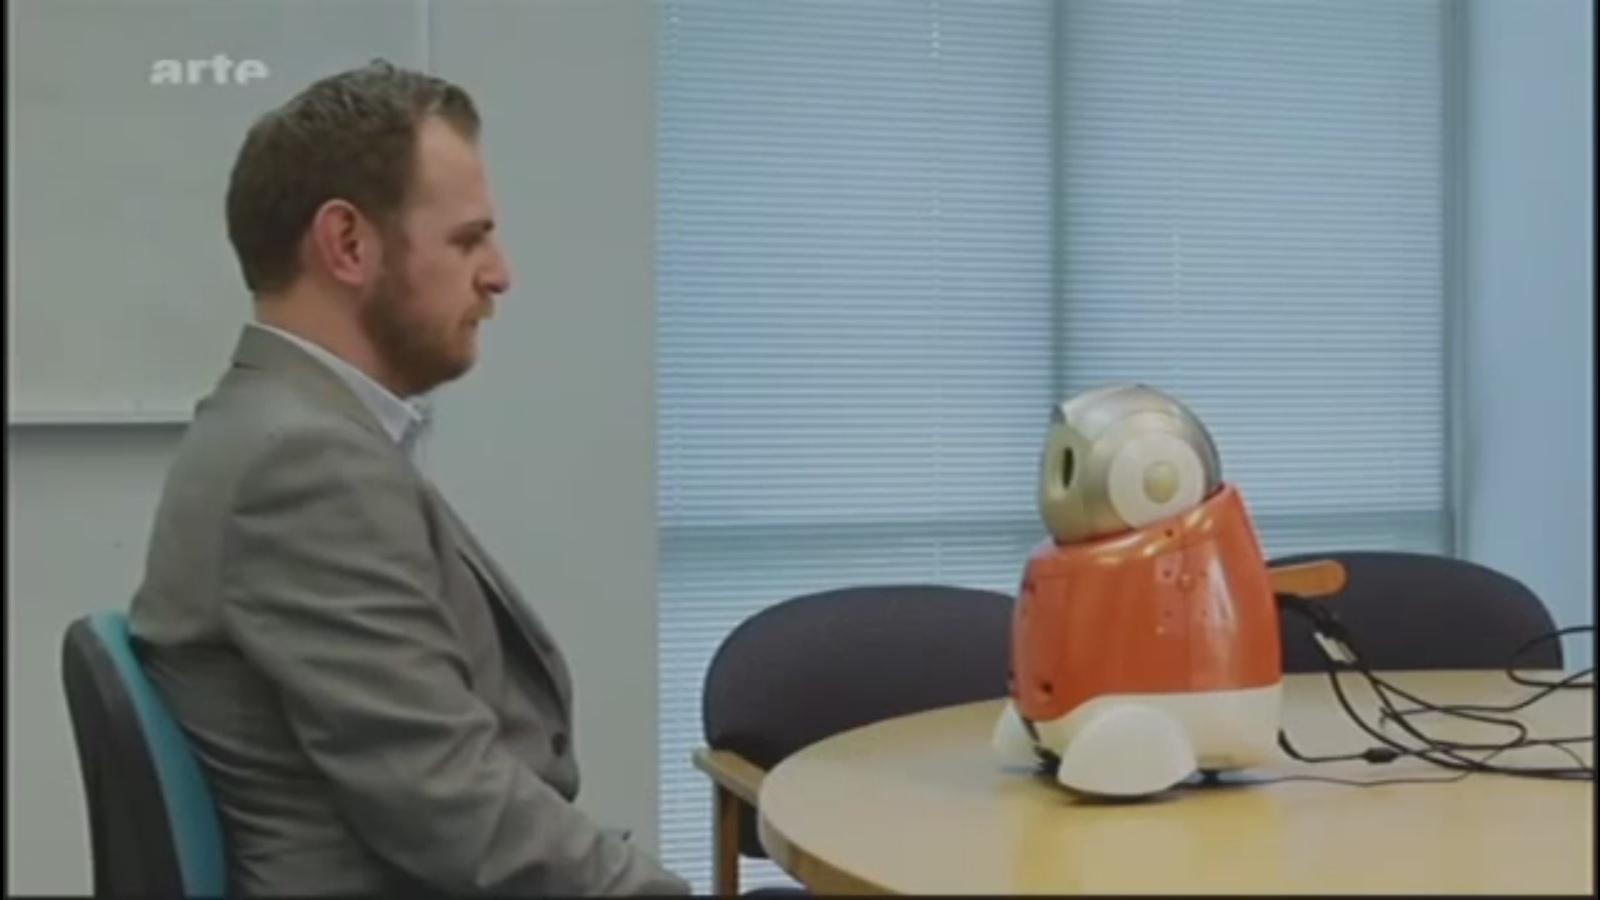 Quelques conseils pour réussir son entretien d'embauche avec un robot